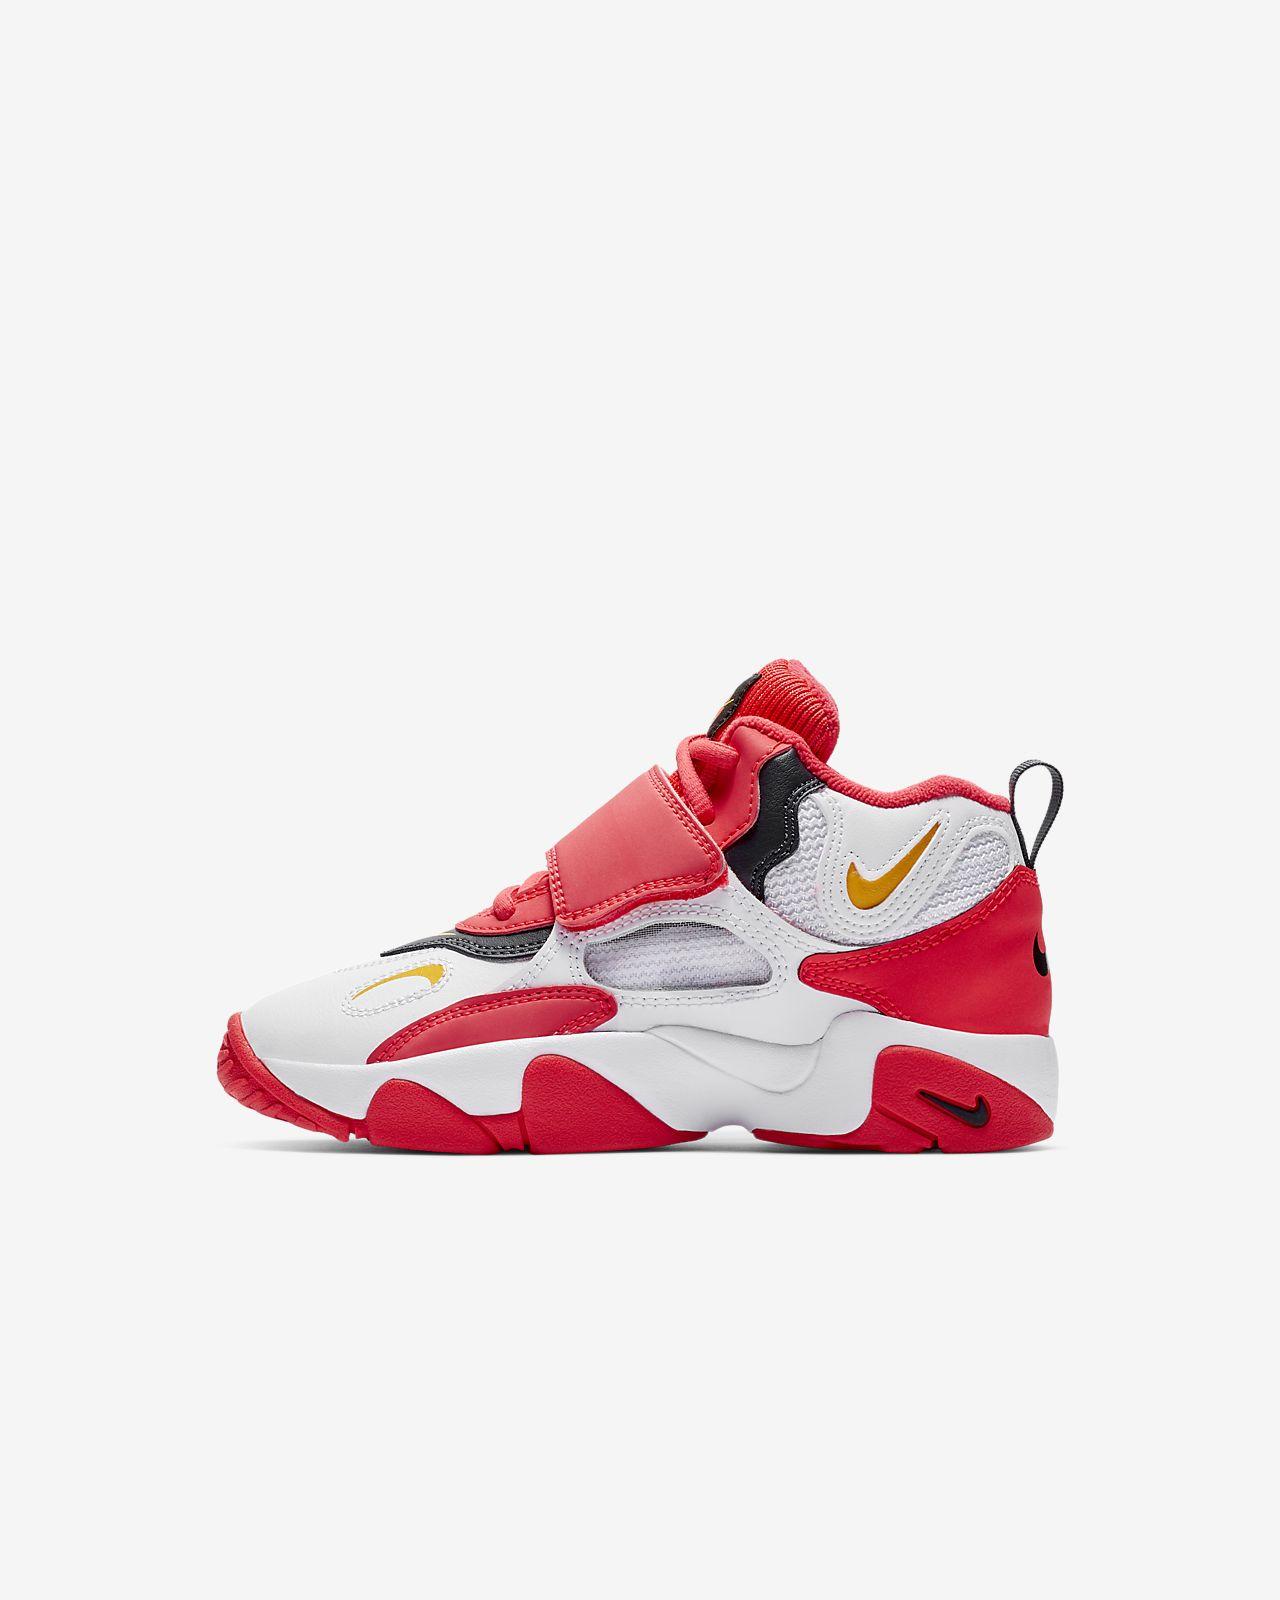 601f6d7f0a82a5 Nike Speed Turf Little Kids  Shoe. Nike.com